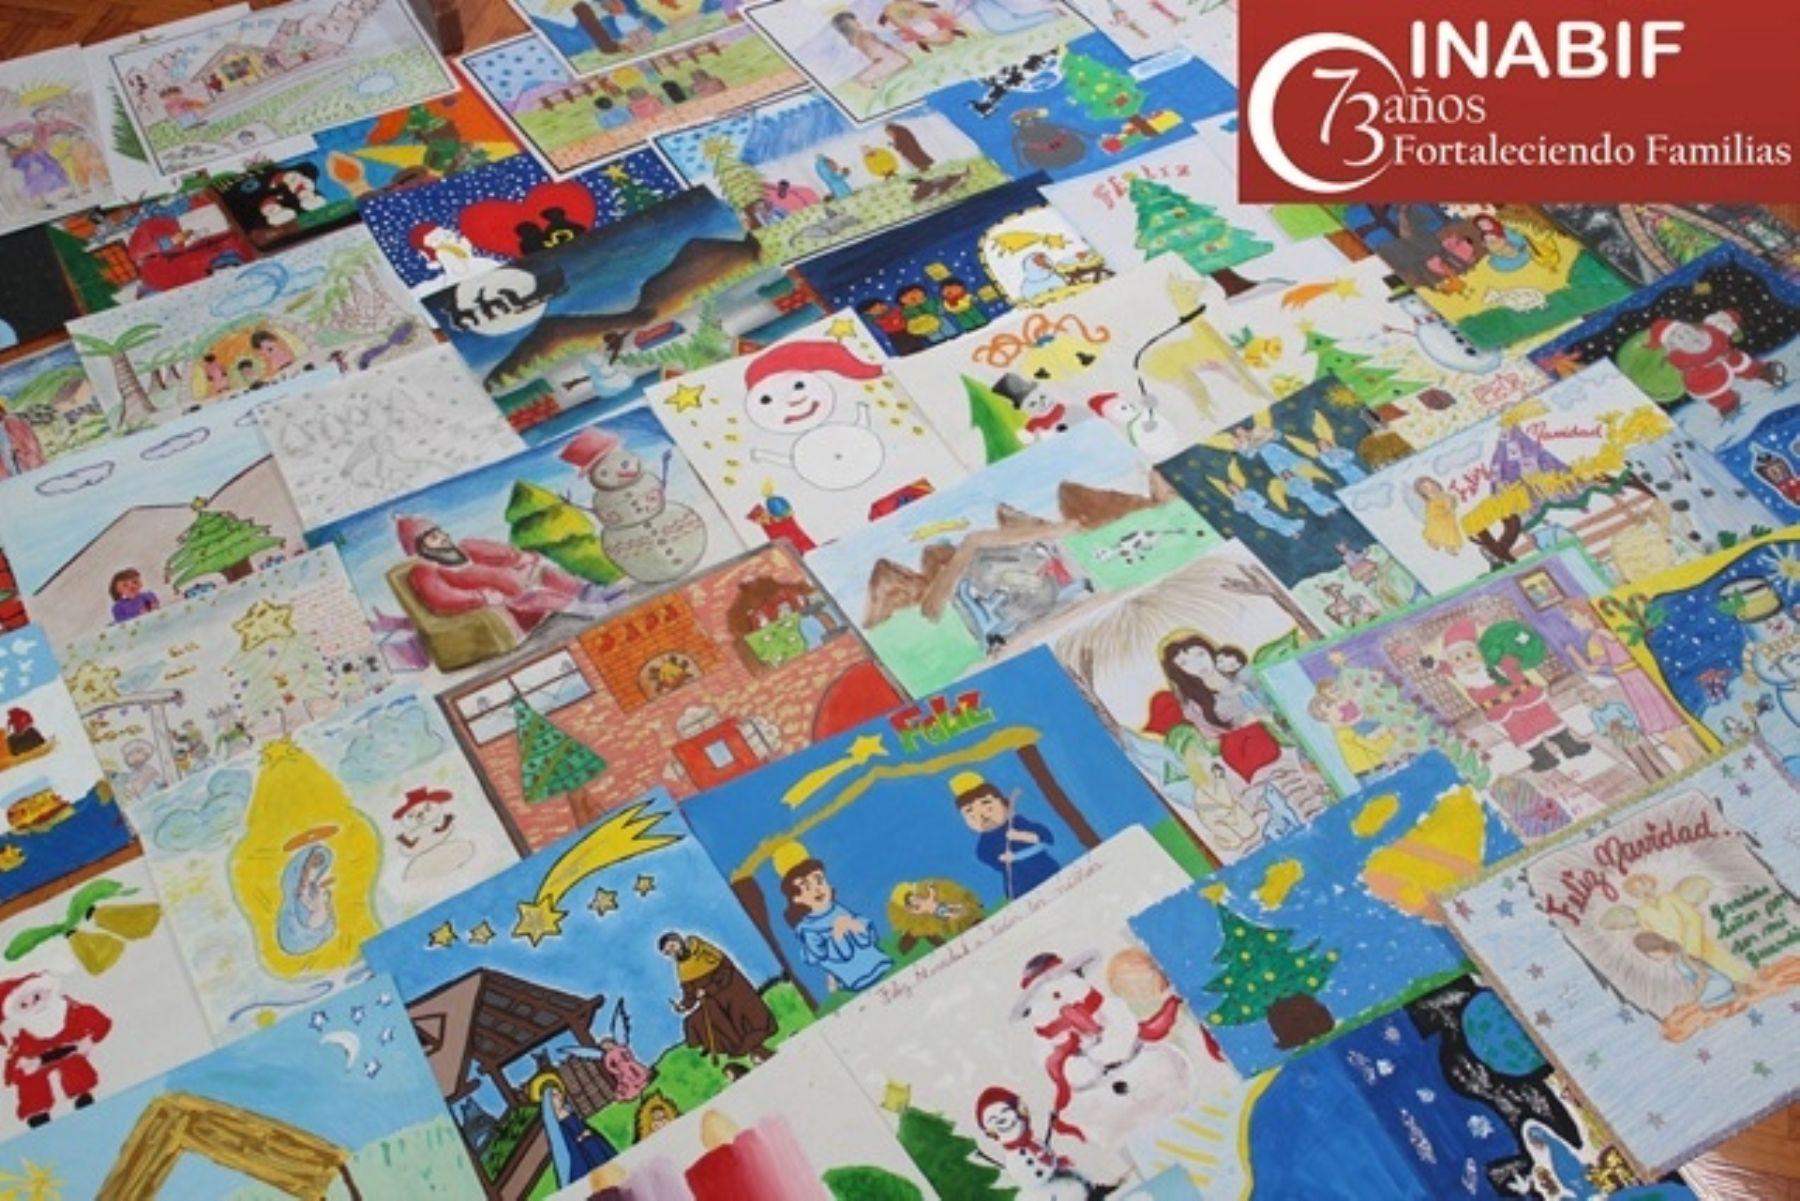 Inabif presenta dibujos ganadores que ilustrar n tarjetas - Dibujos tarjetas navidenas ...